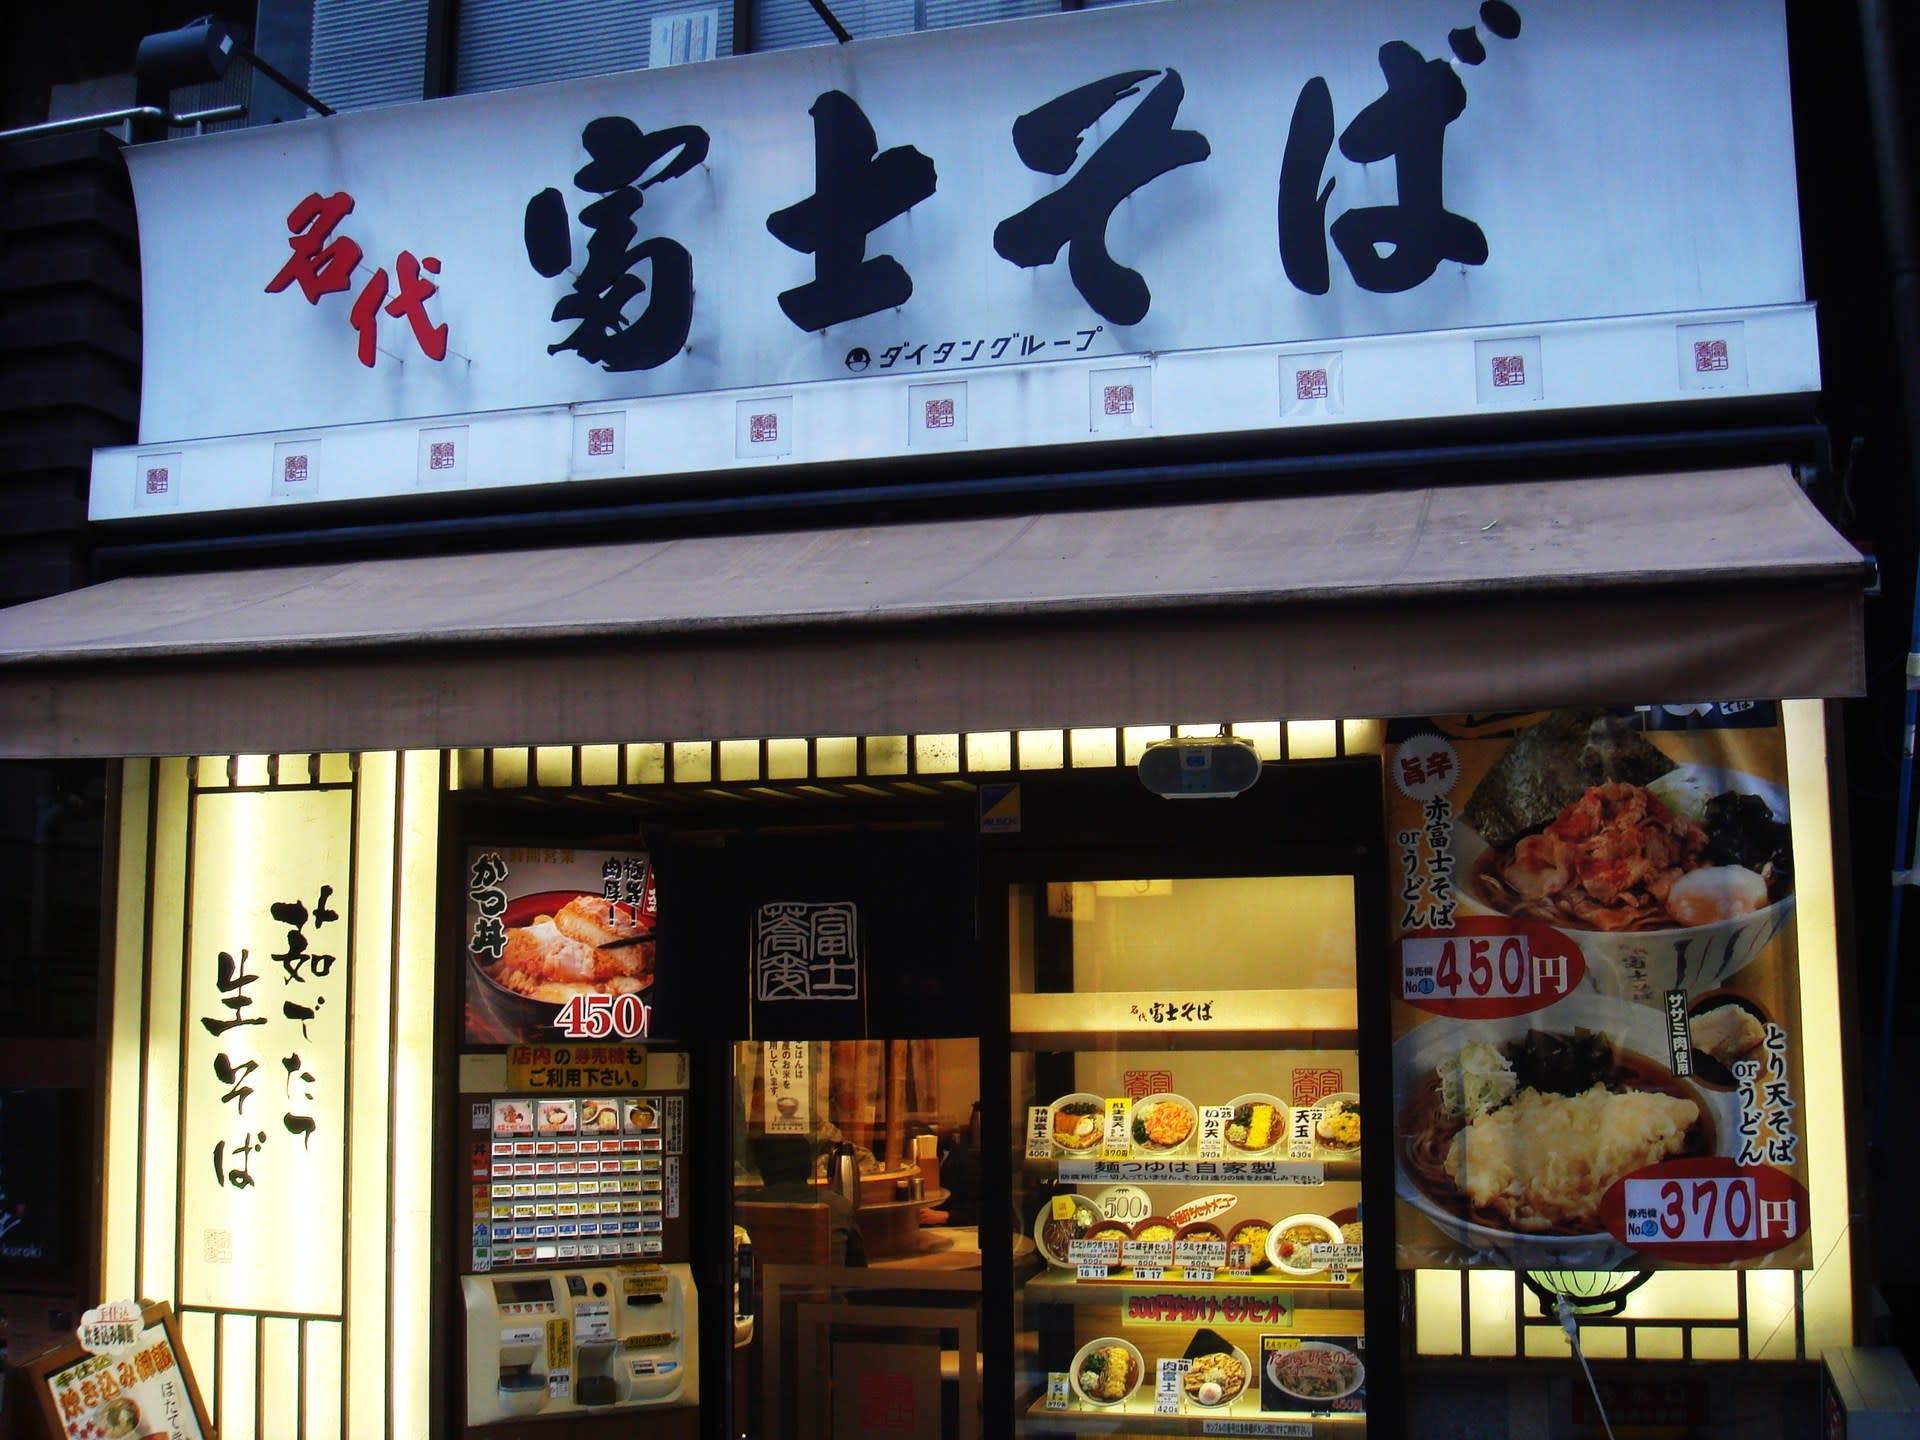 http://blogimg.goo.ne.jp/user_image/5b/f7/f519545d936e9f2eefe62114f8fcb6c0.jpg